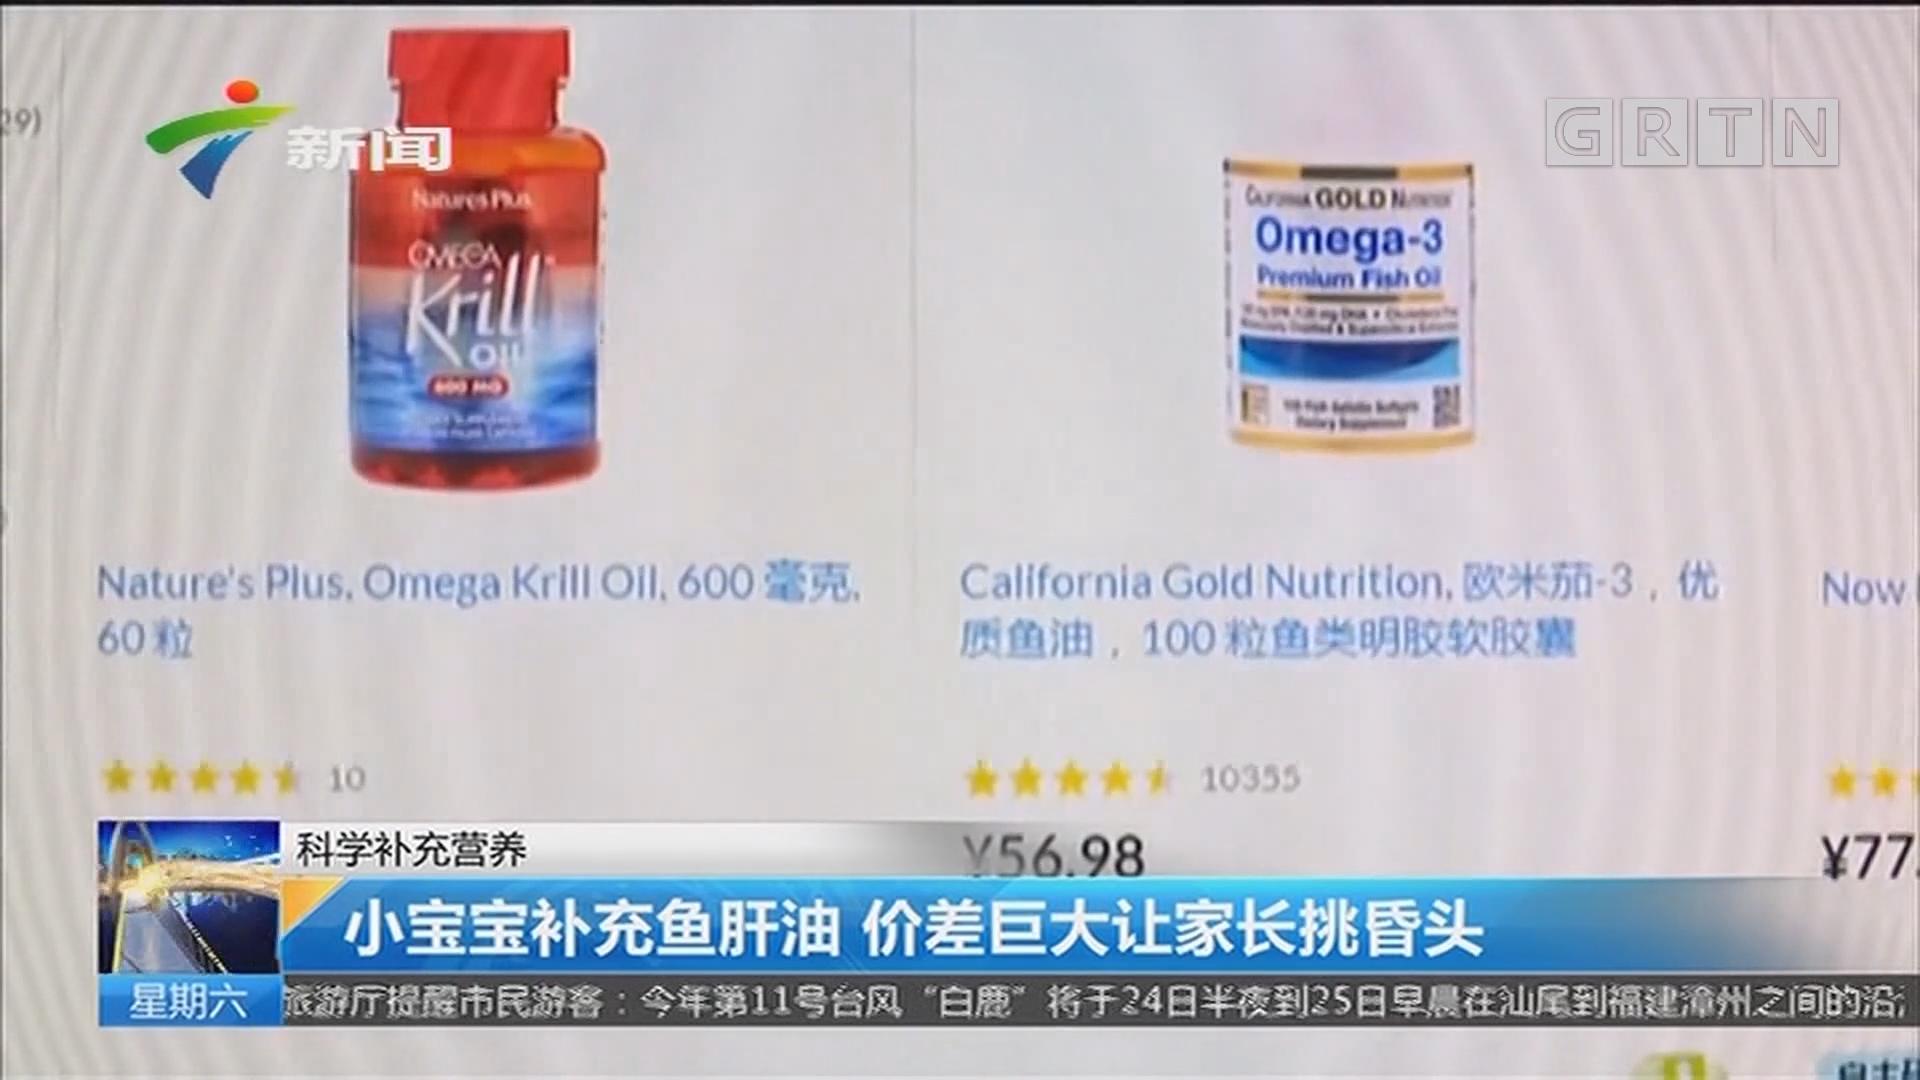 科学补充营养 小宝宝补充鱼肝油 价差巨大让家长挑昏头